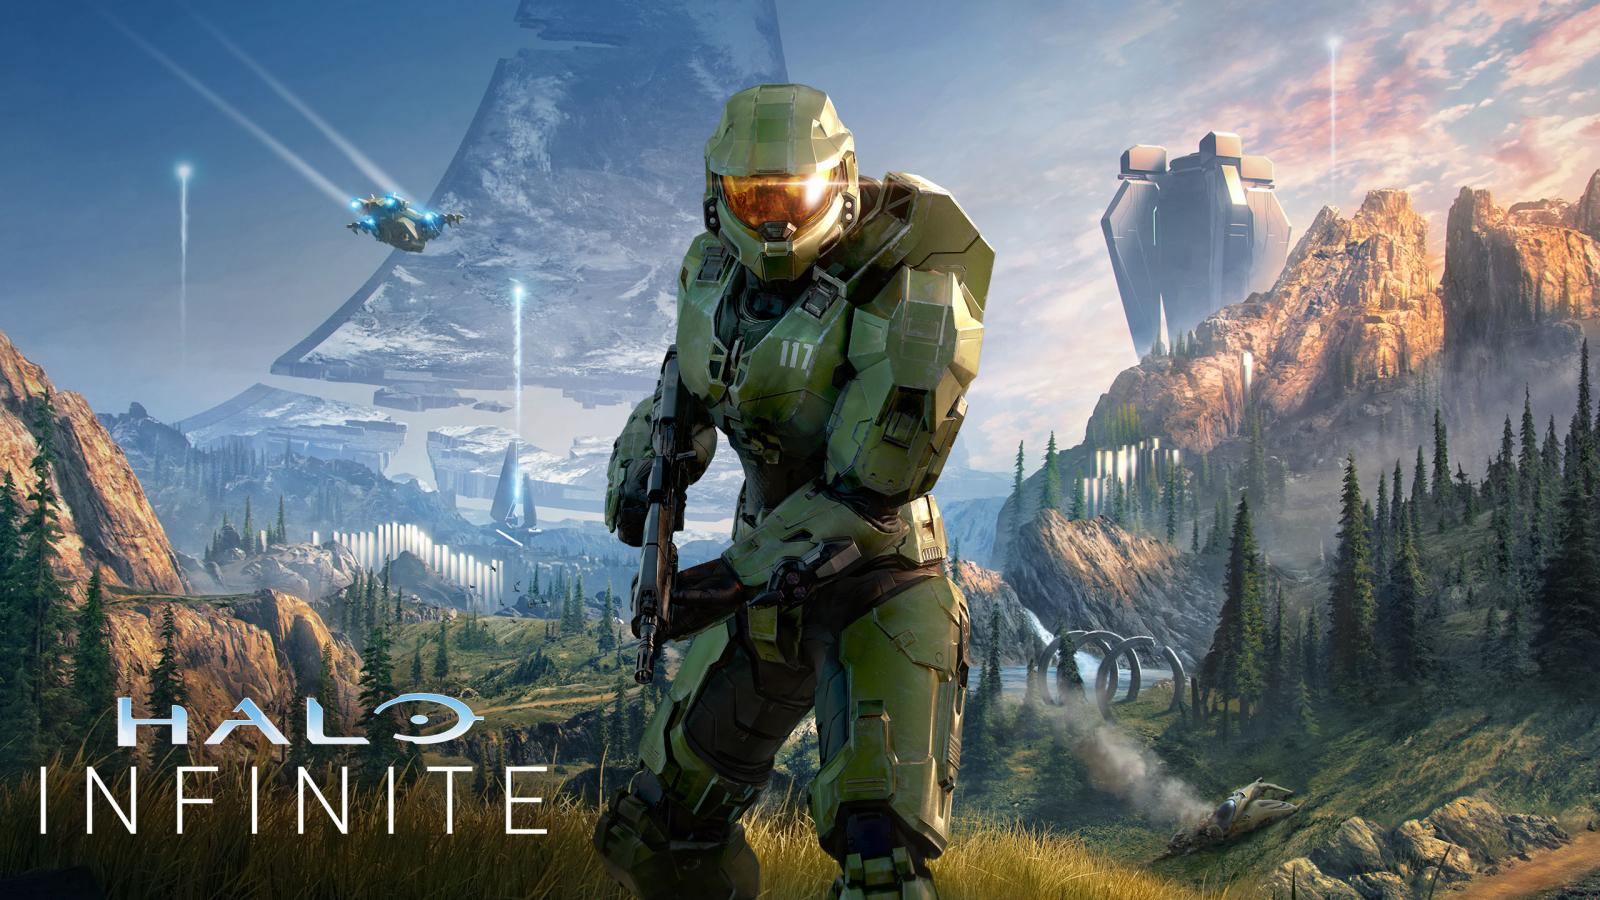 343 sẽ chia sẻ những cập nhật mới hàng tháng về tựa game Halo Infinite